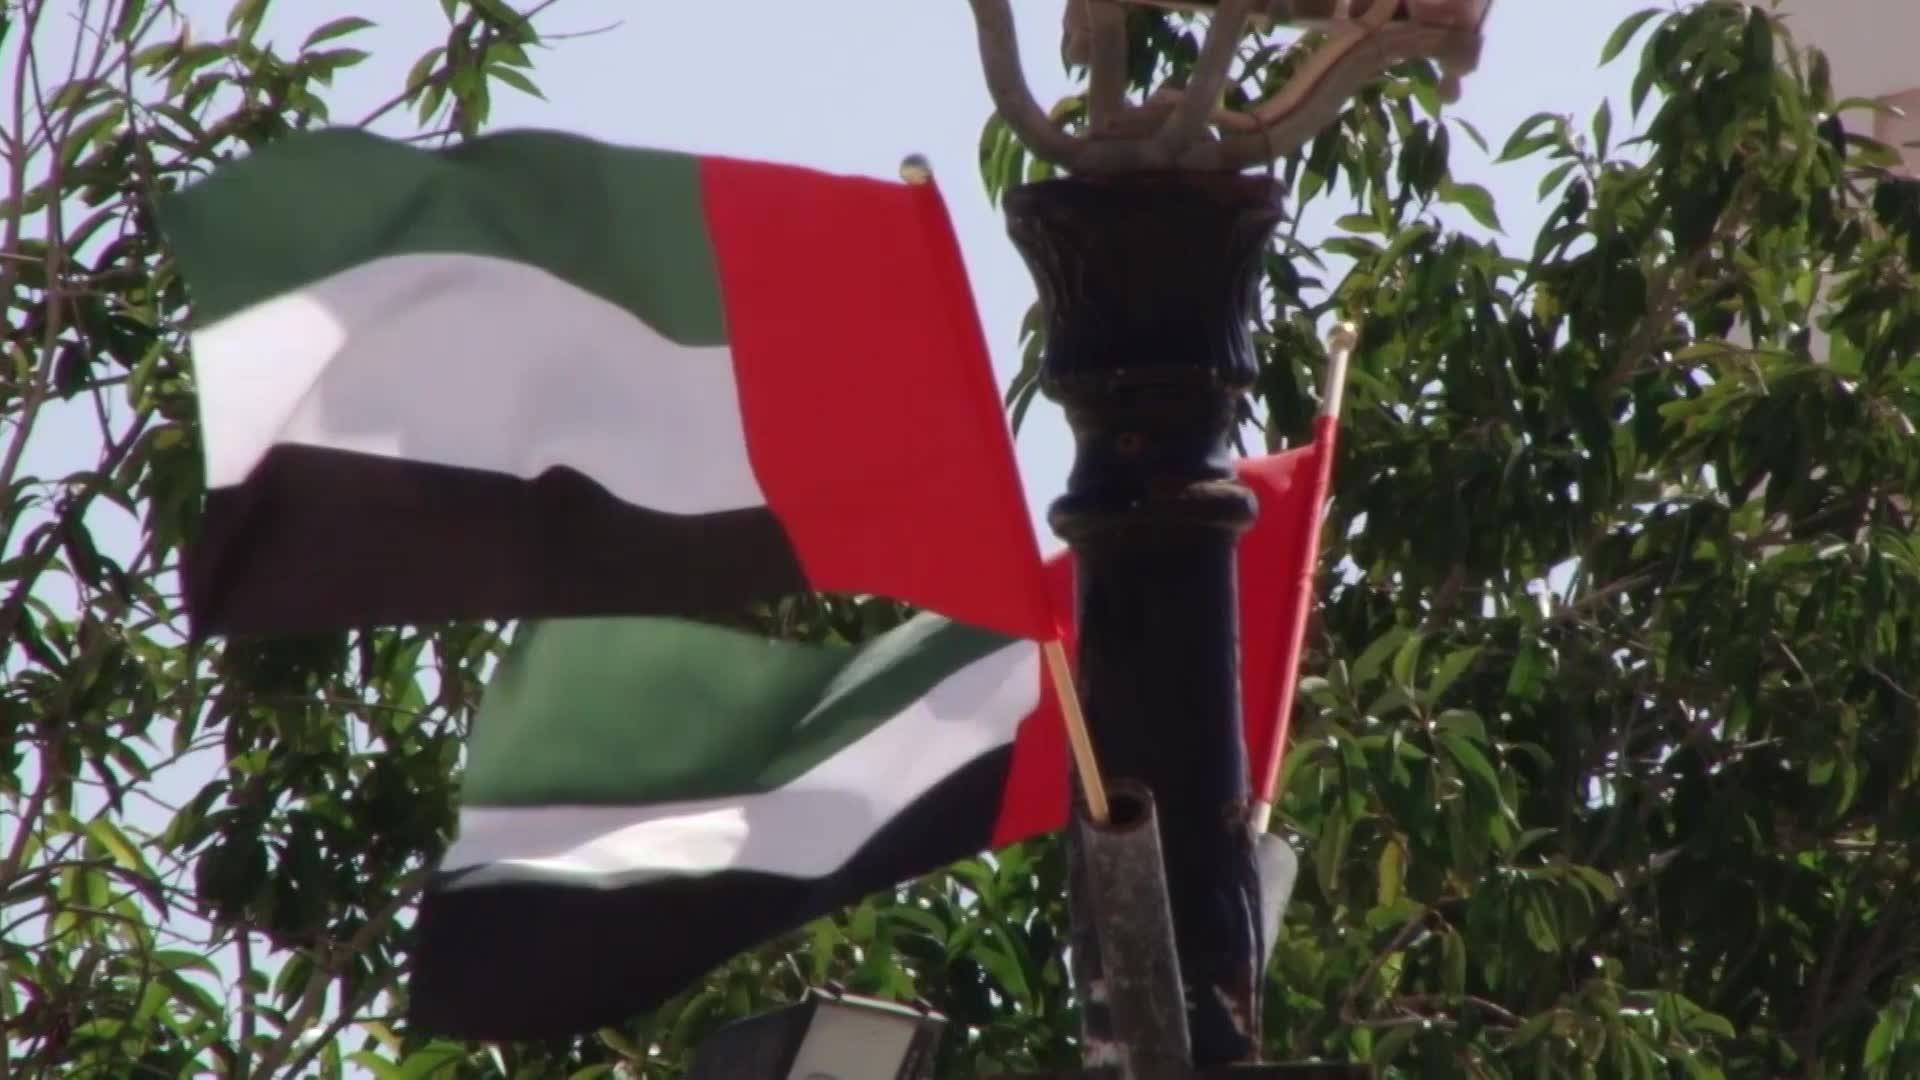 Мировая прогулка: ОАЭ (Эмират Шарджа) - Серия 1